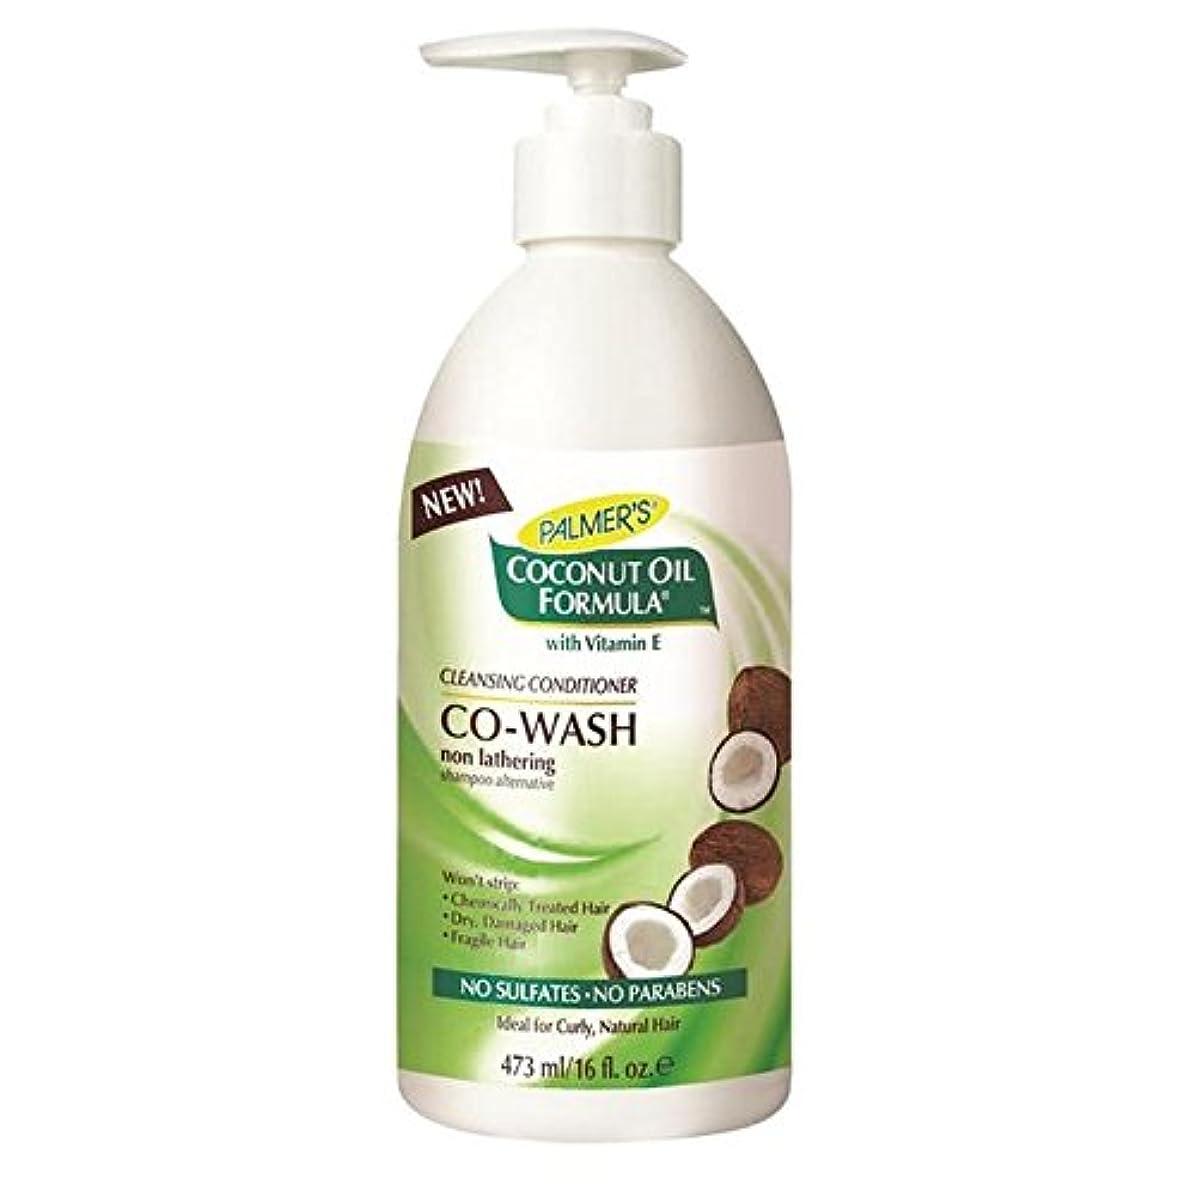 一部鹿汚いPalmer's Coconut Formula Co-Wash Cleansing Conditioner, Shampoo Alternative 473ml - パーマーのココナッツ式コウォッシュクレンジングコンディショナー...